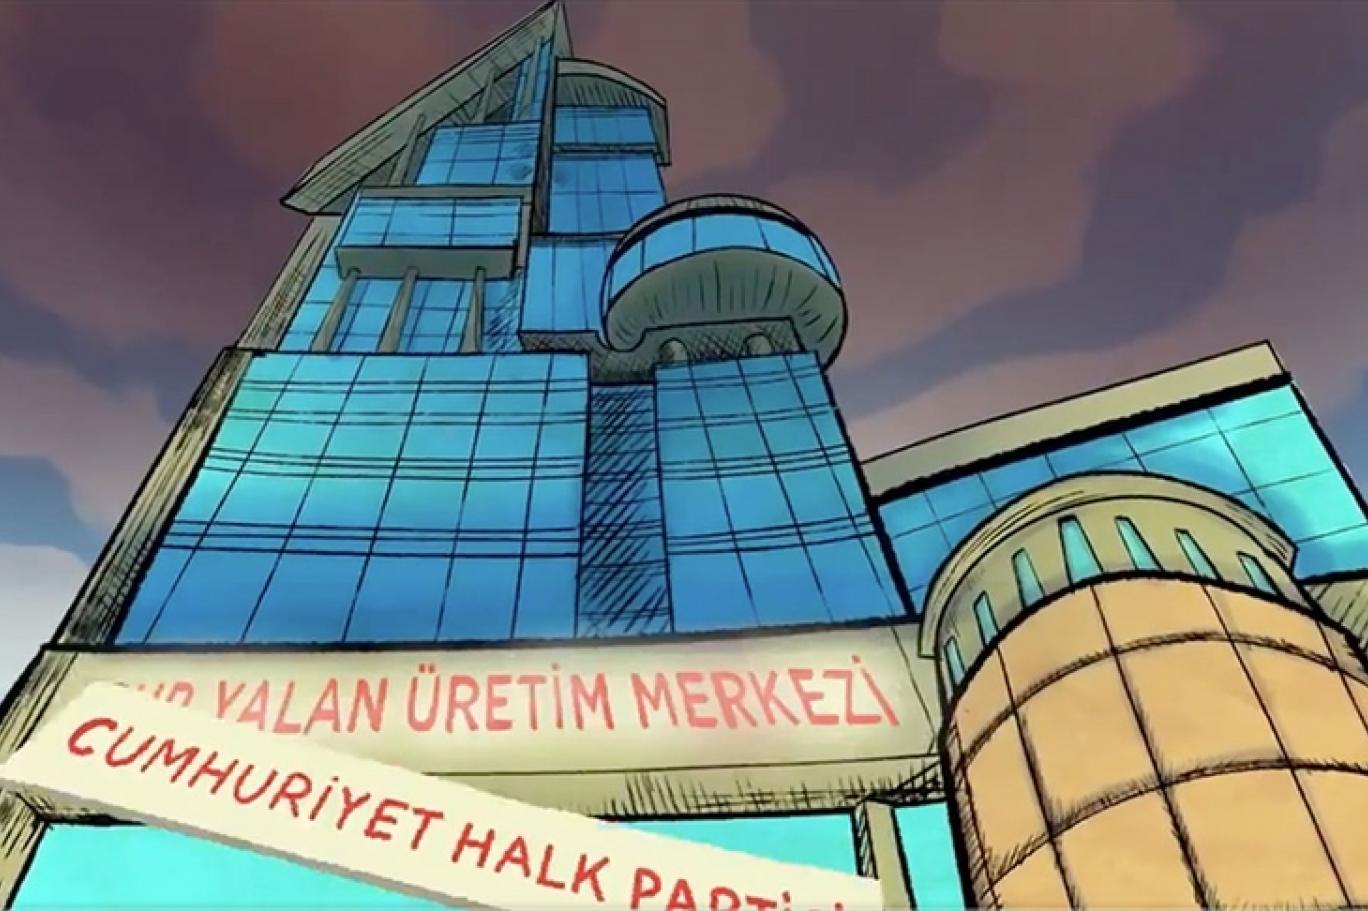 Ters Tepmişti: 'CHP Yalan Üretim Merkezi' Videosunu Erdoğan Kaldırttı İddiası